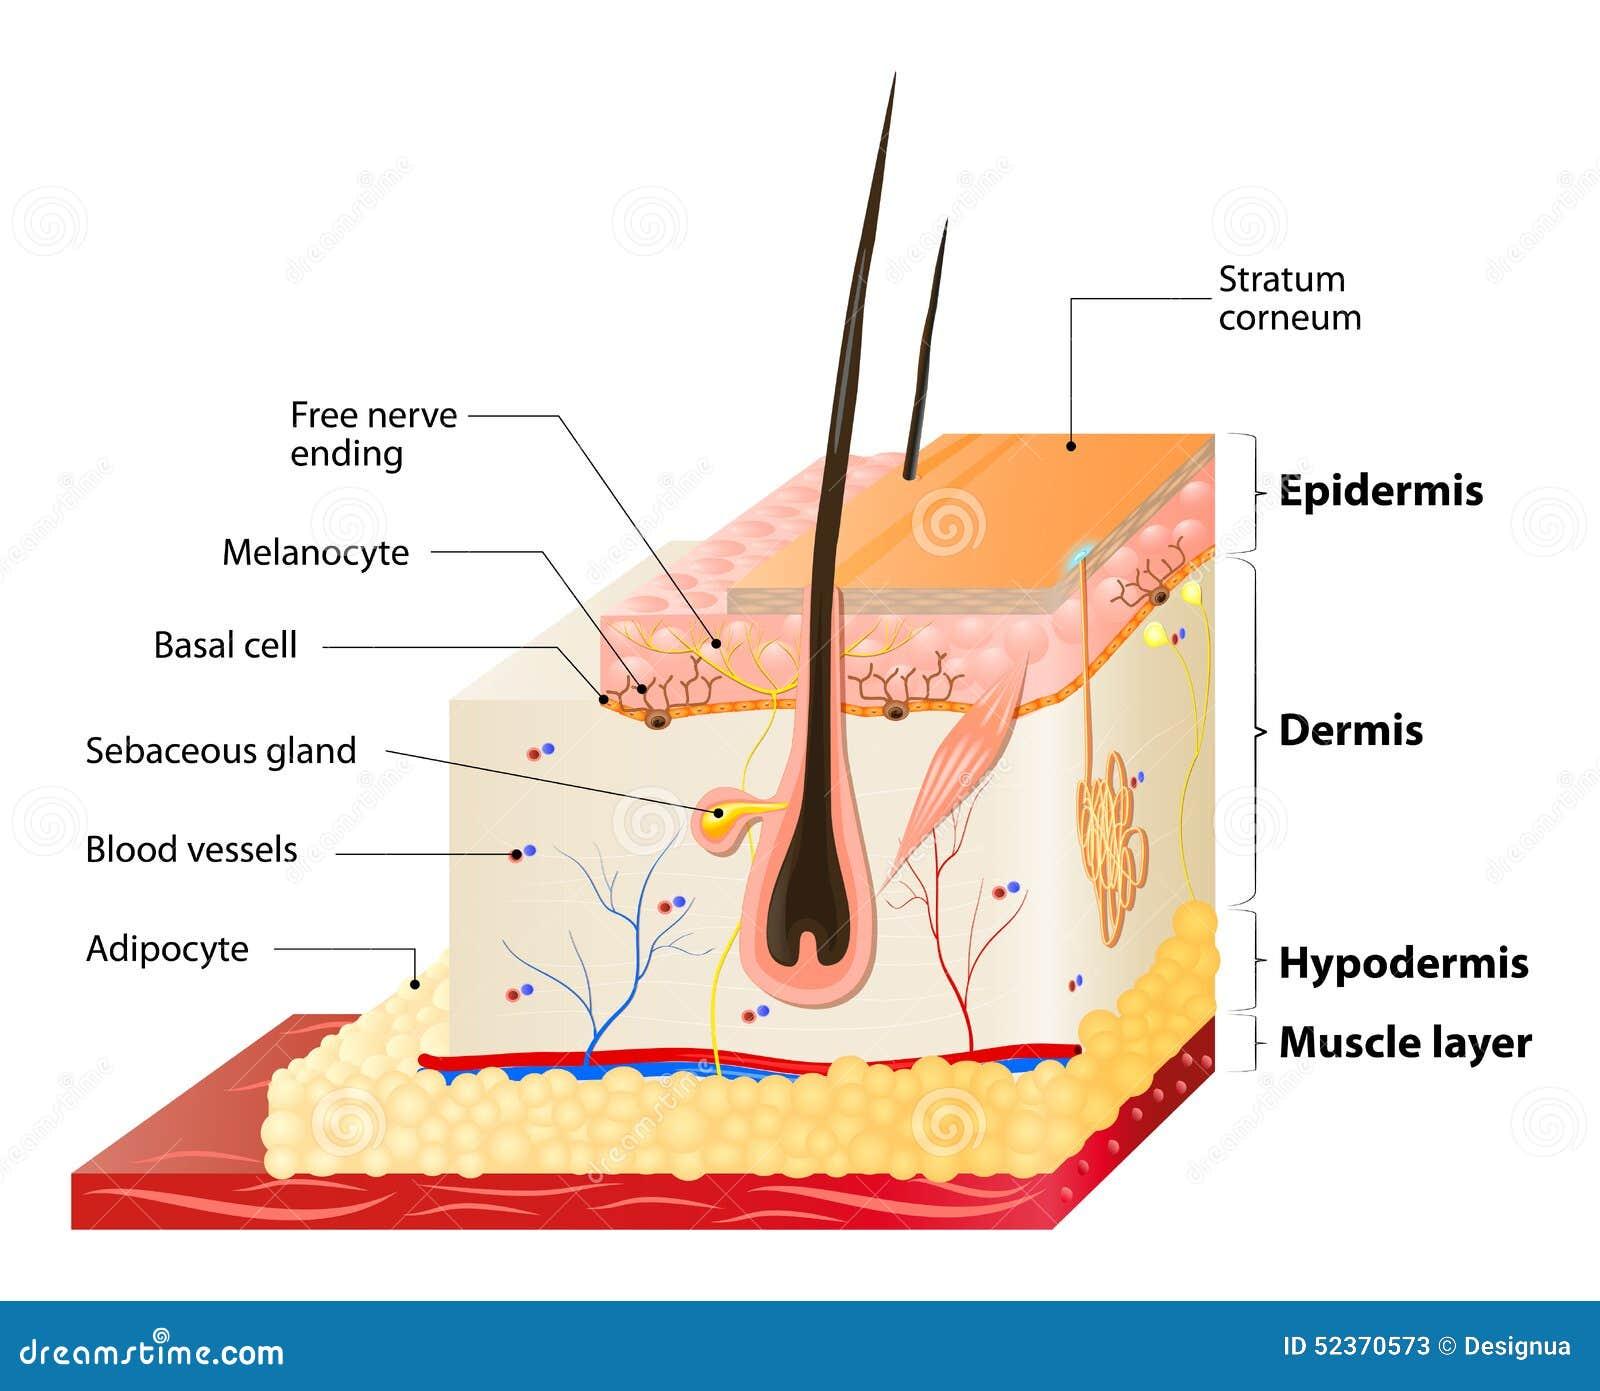 Capas de la piel ilustración del vector. Ilustración de dermis ...